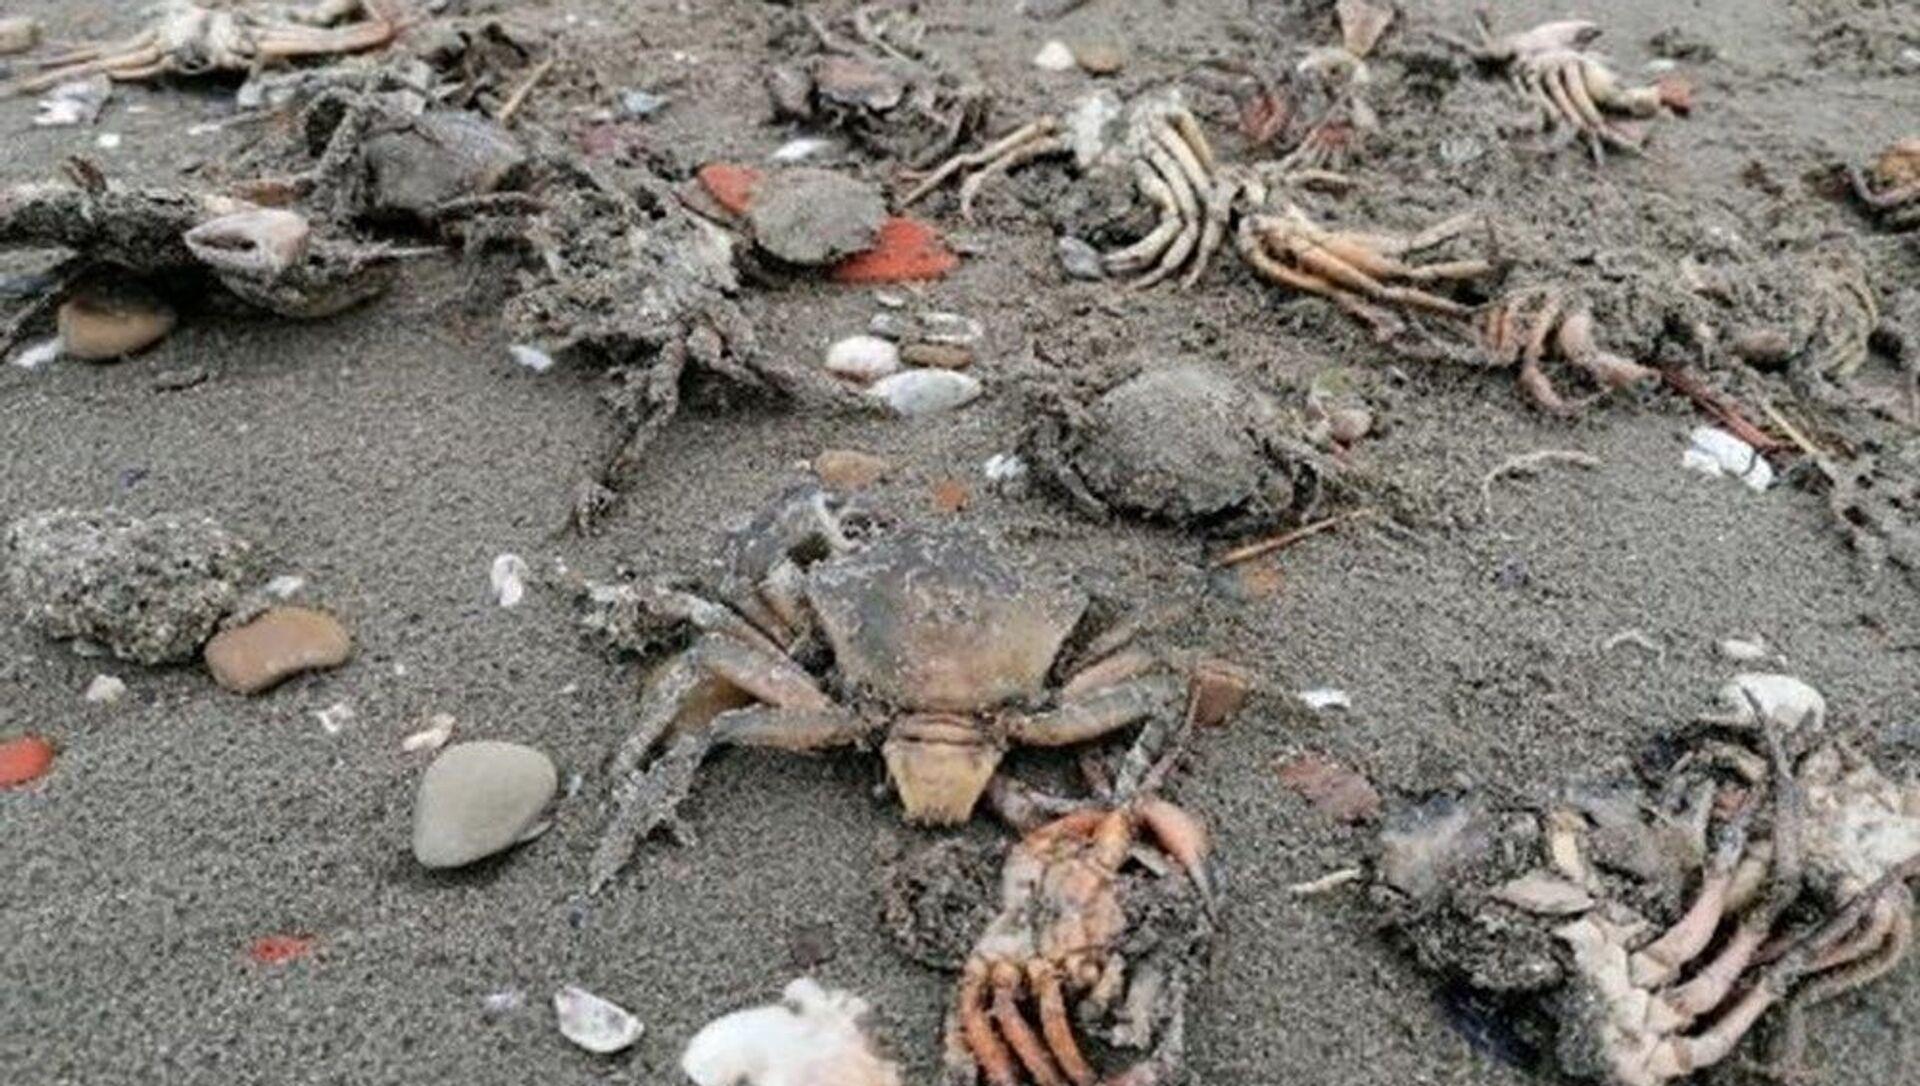 İstanbul Silivri'de toplu yengeç ölümü: Müsilaj kaynaklı olabilir - Sputnik Türkiye, 1920, 19.06.2021